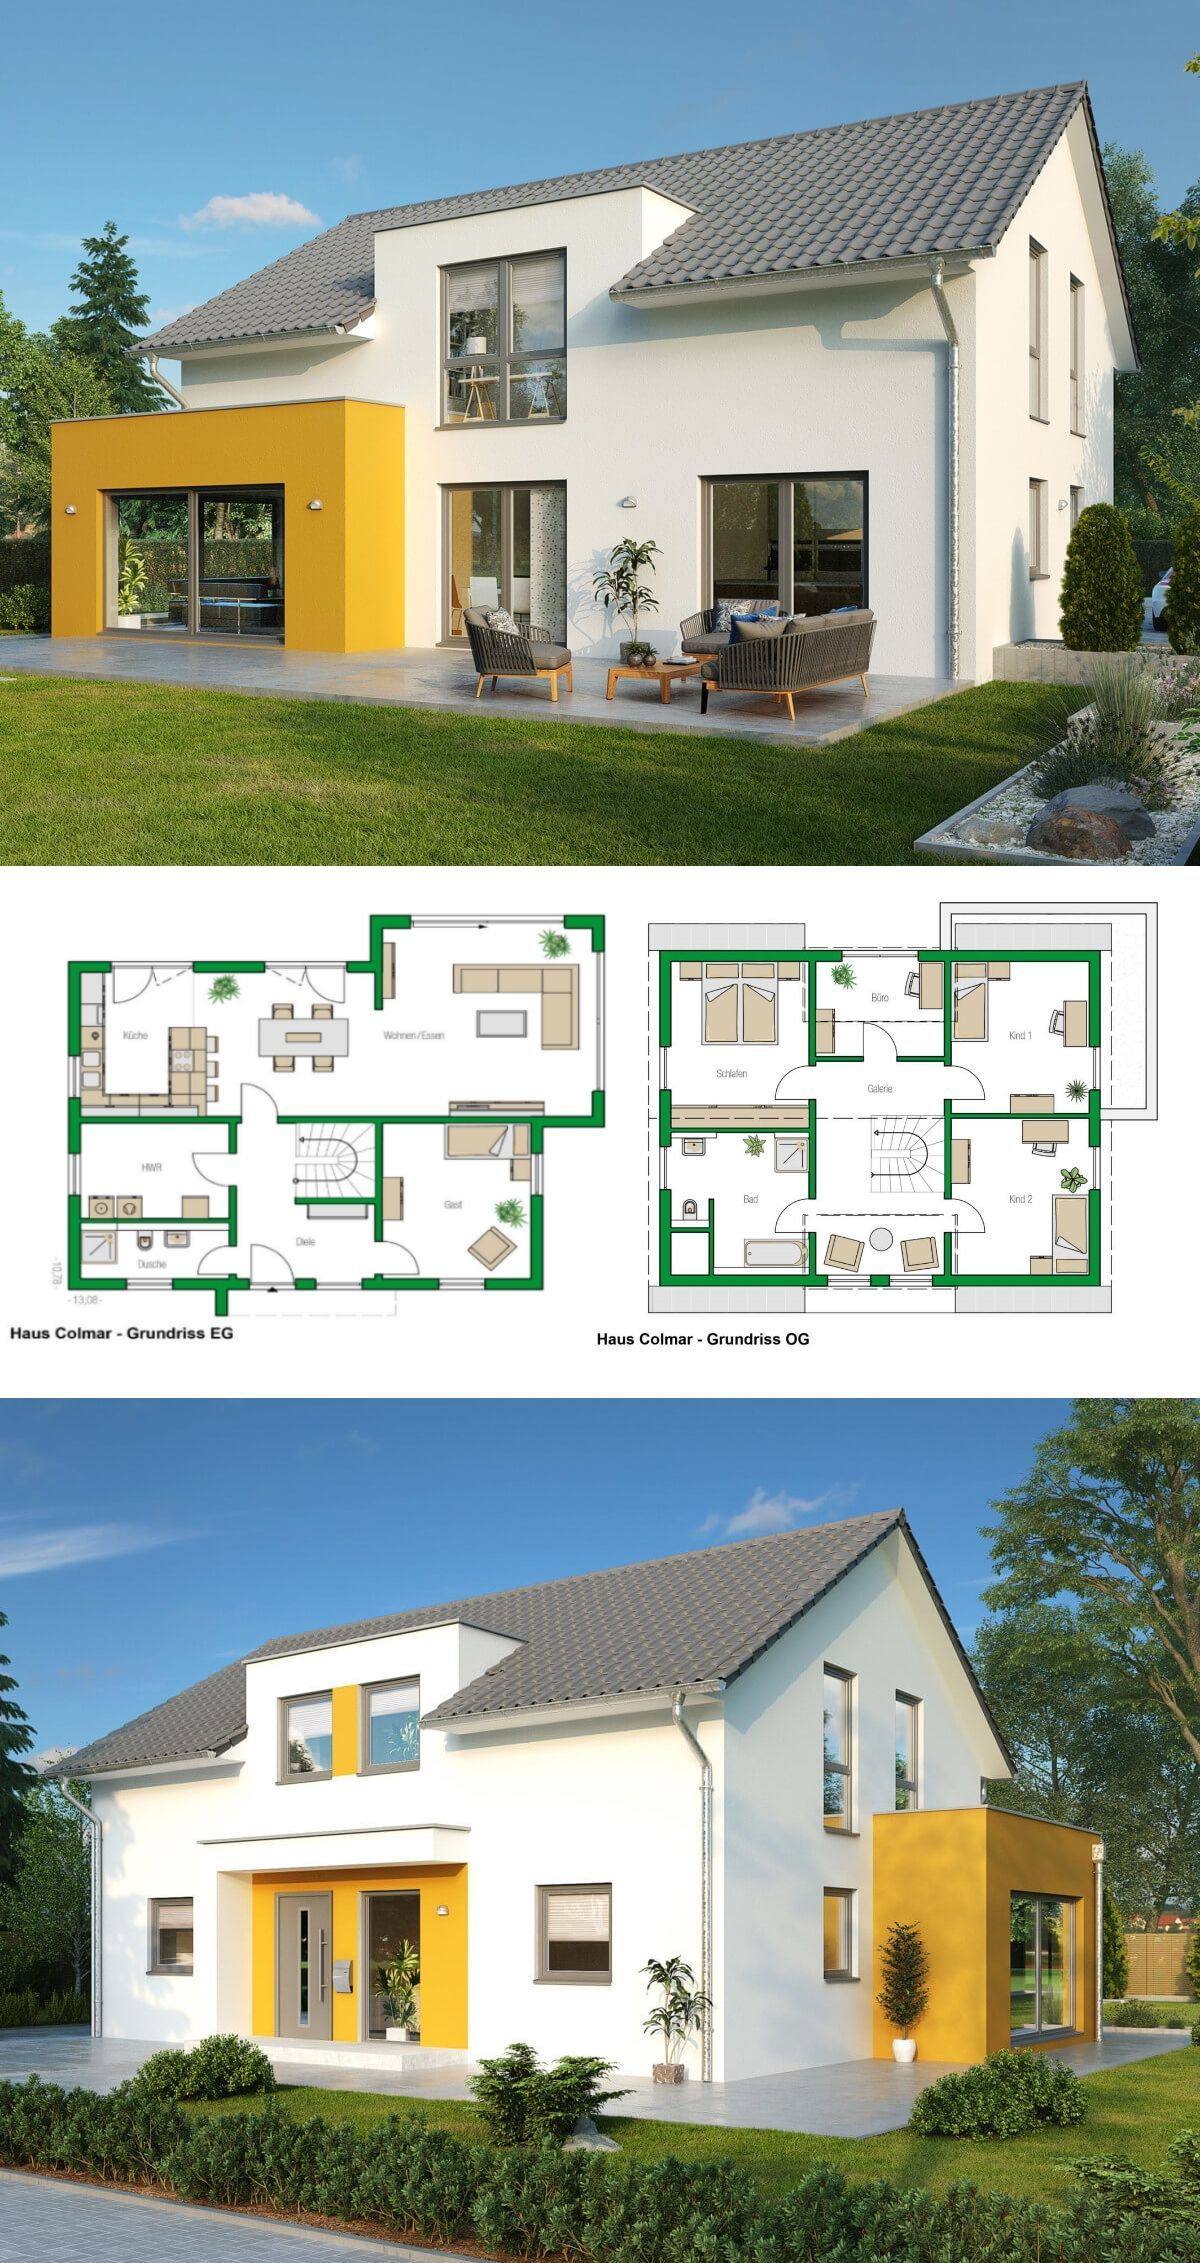 Einfamilienhaus architektur modern mit satteldach erker for Einfamilienhaus bauen ideen